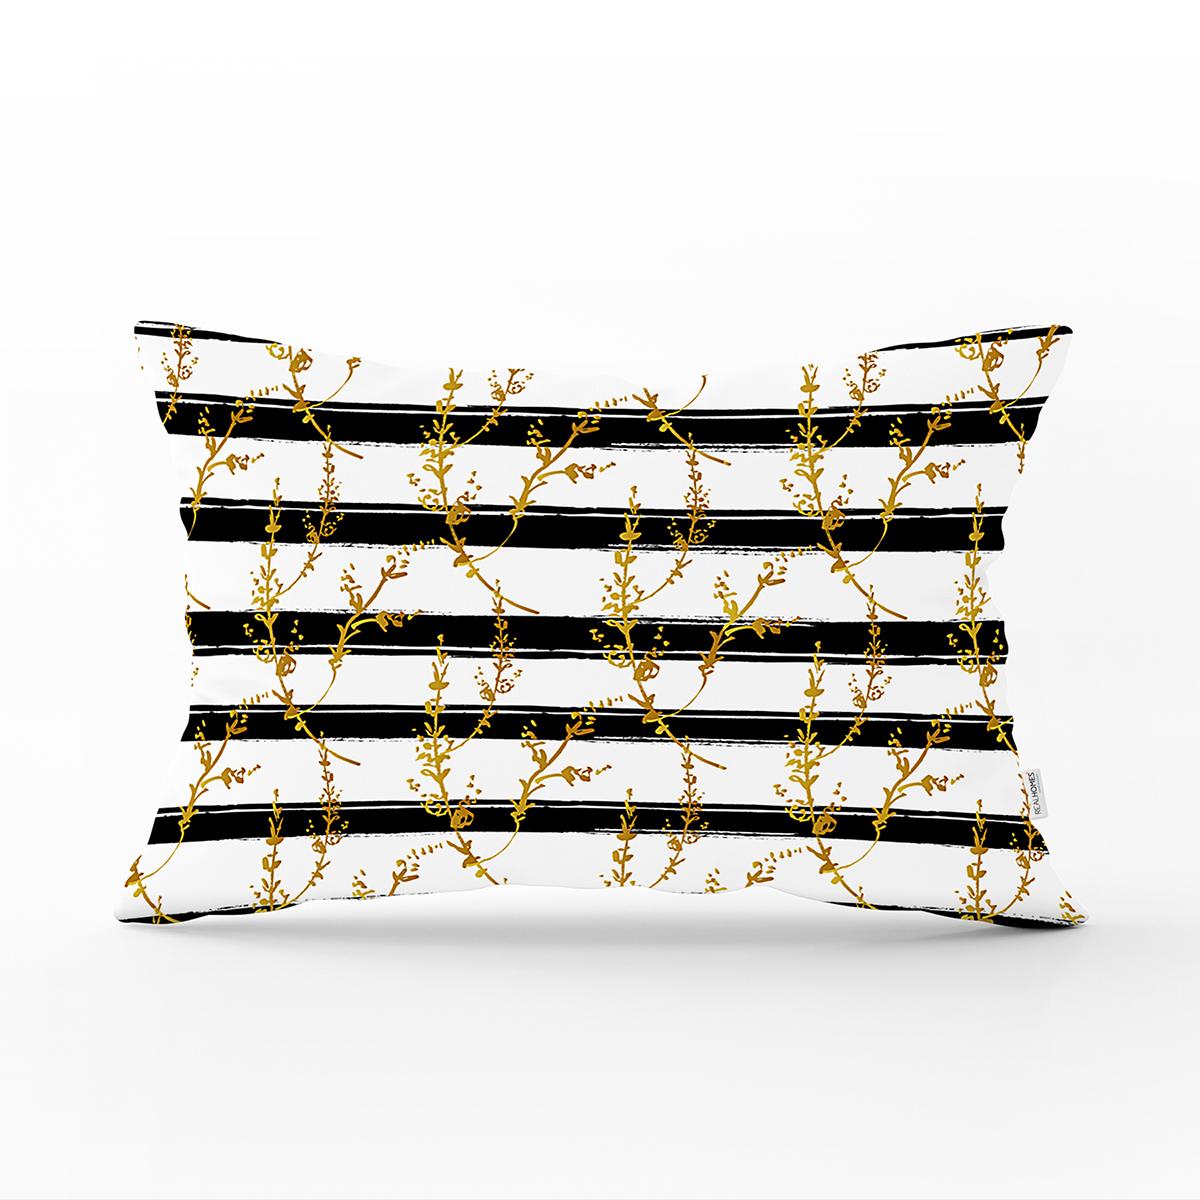 Beyaz Zemin Üzerinde Siyah Çizgili Gold Detaylı Yaprak Desenli Dikdörtgen Kırlent Kılıfı Realhomes